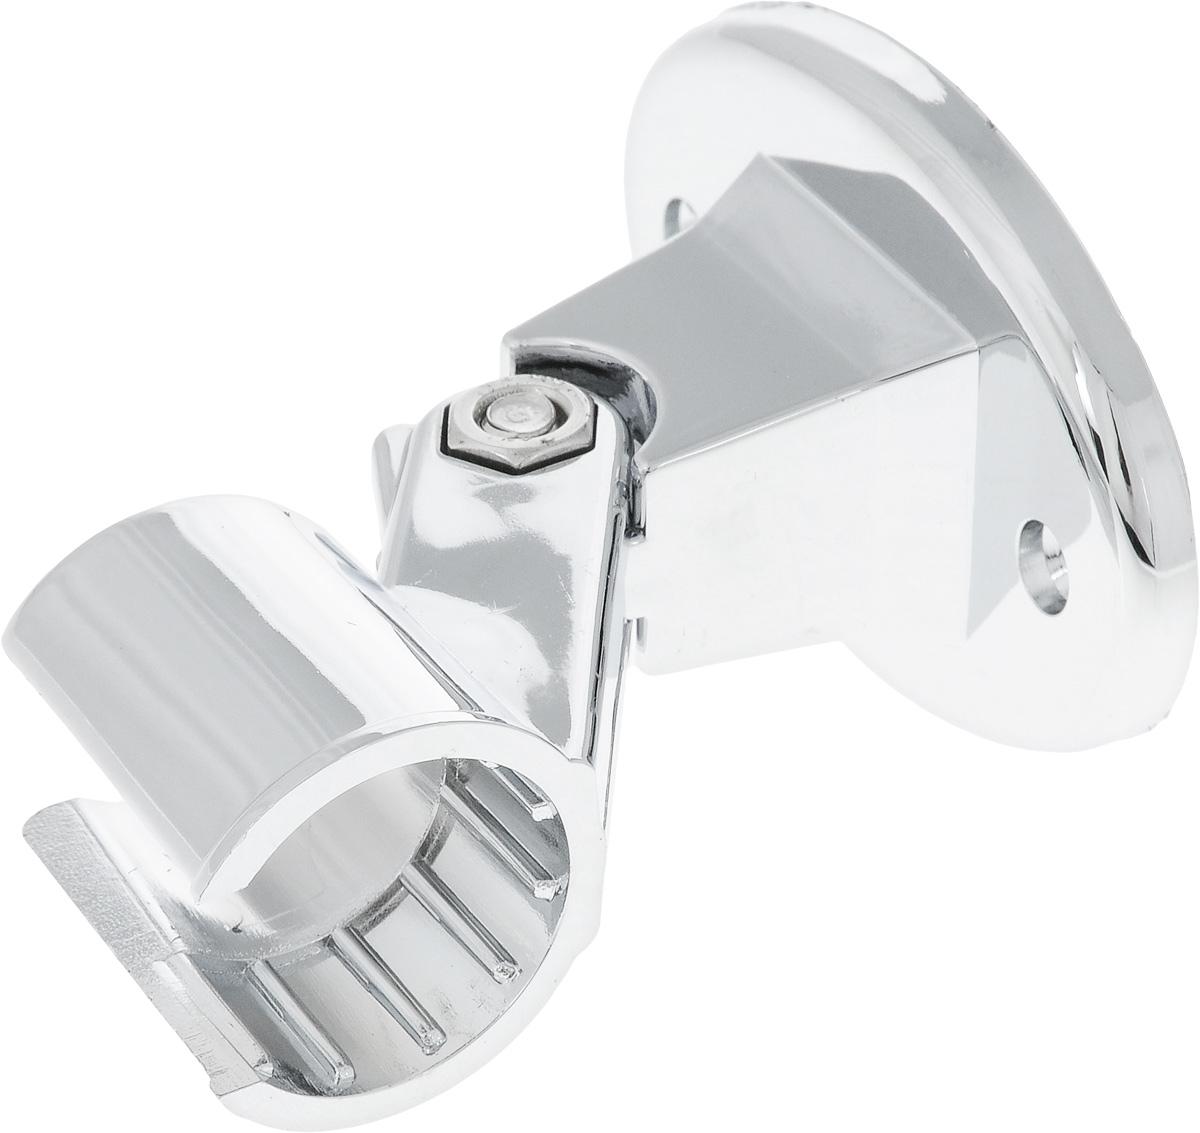 Держатель душевой лейки Euroshowers SimpleBL505Держатель для лейки Euroshowers Simple изготовлен из ABS-пластика, высокопрочного и легкого материала, с надежным никель-хромовым покрытием, которое гарантирует идеальный зеркальный блеск и защиту изделия на долгий срок. Держатель предусматривает возможность регулировки наклона лейки, что позволяет размещать ее под комфортным углом.В комплект входят крепления. Размер держателя: 8 см х 9 см х 5 см.